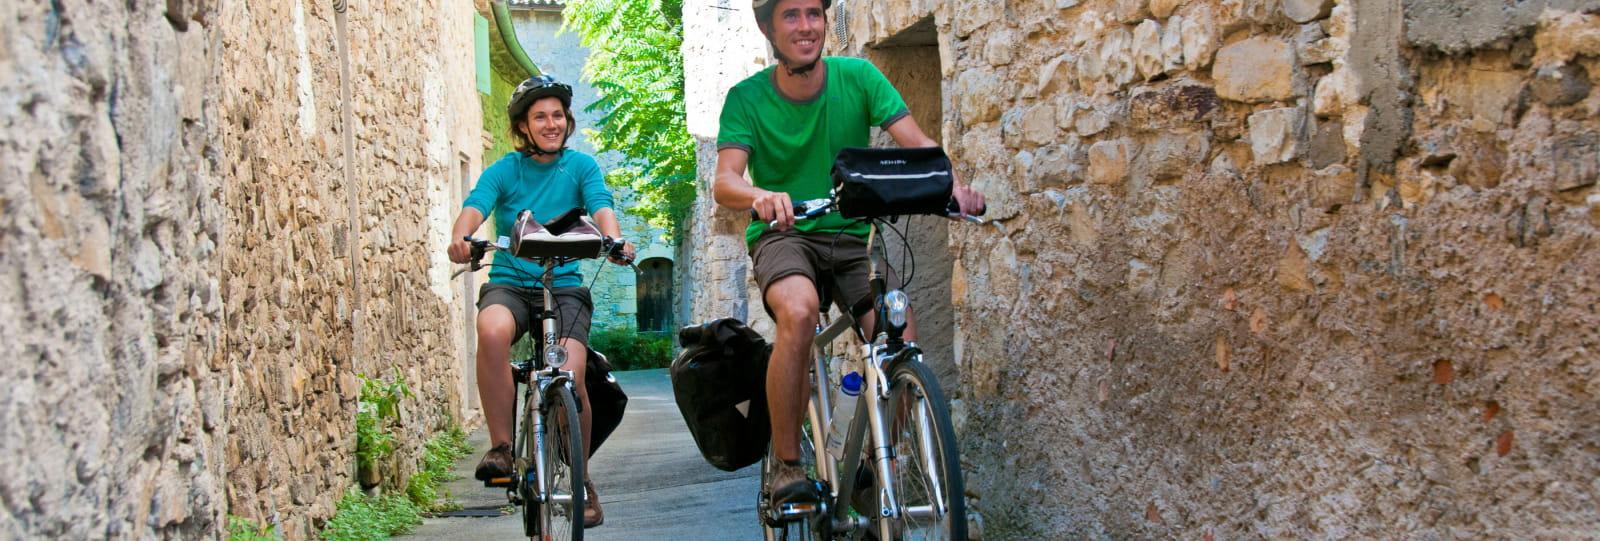 Fietsen door de Drôme, fietsen zonder rompslomp